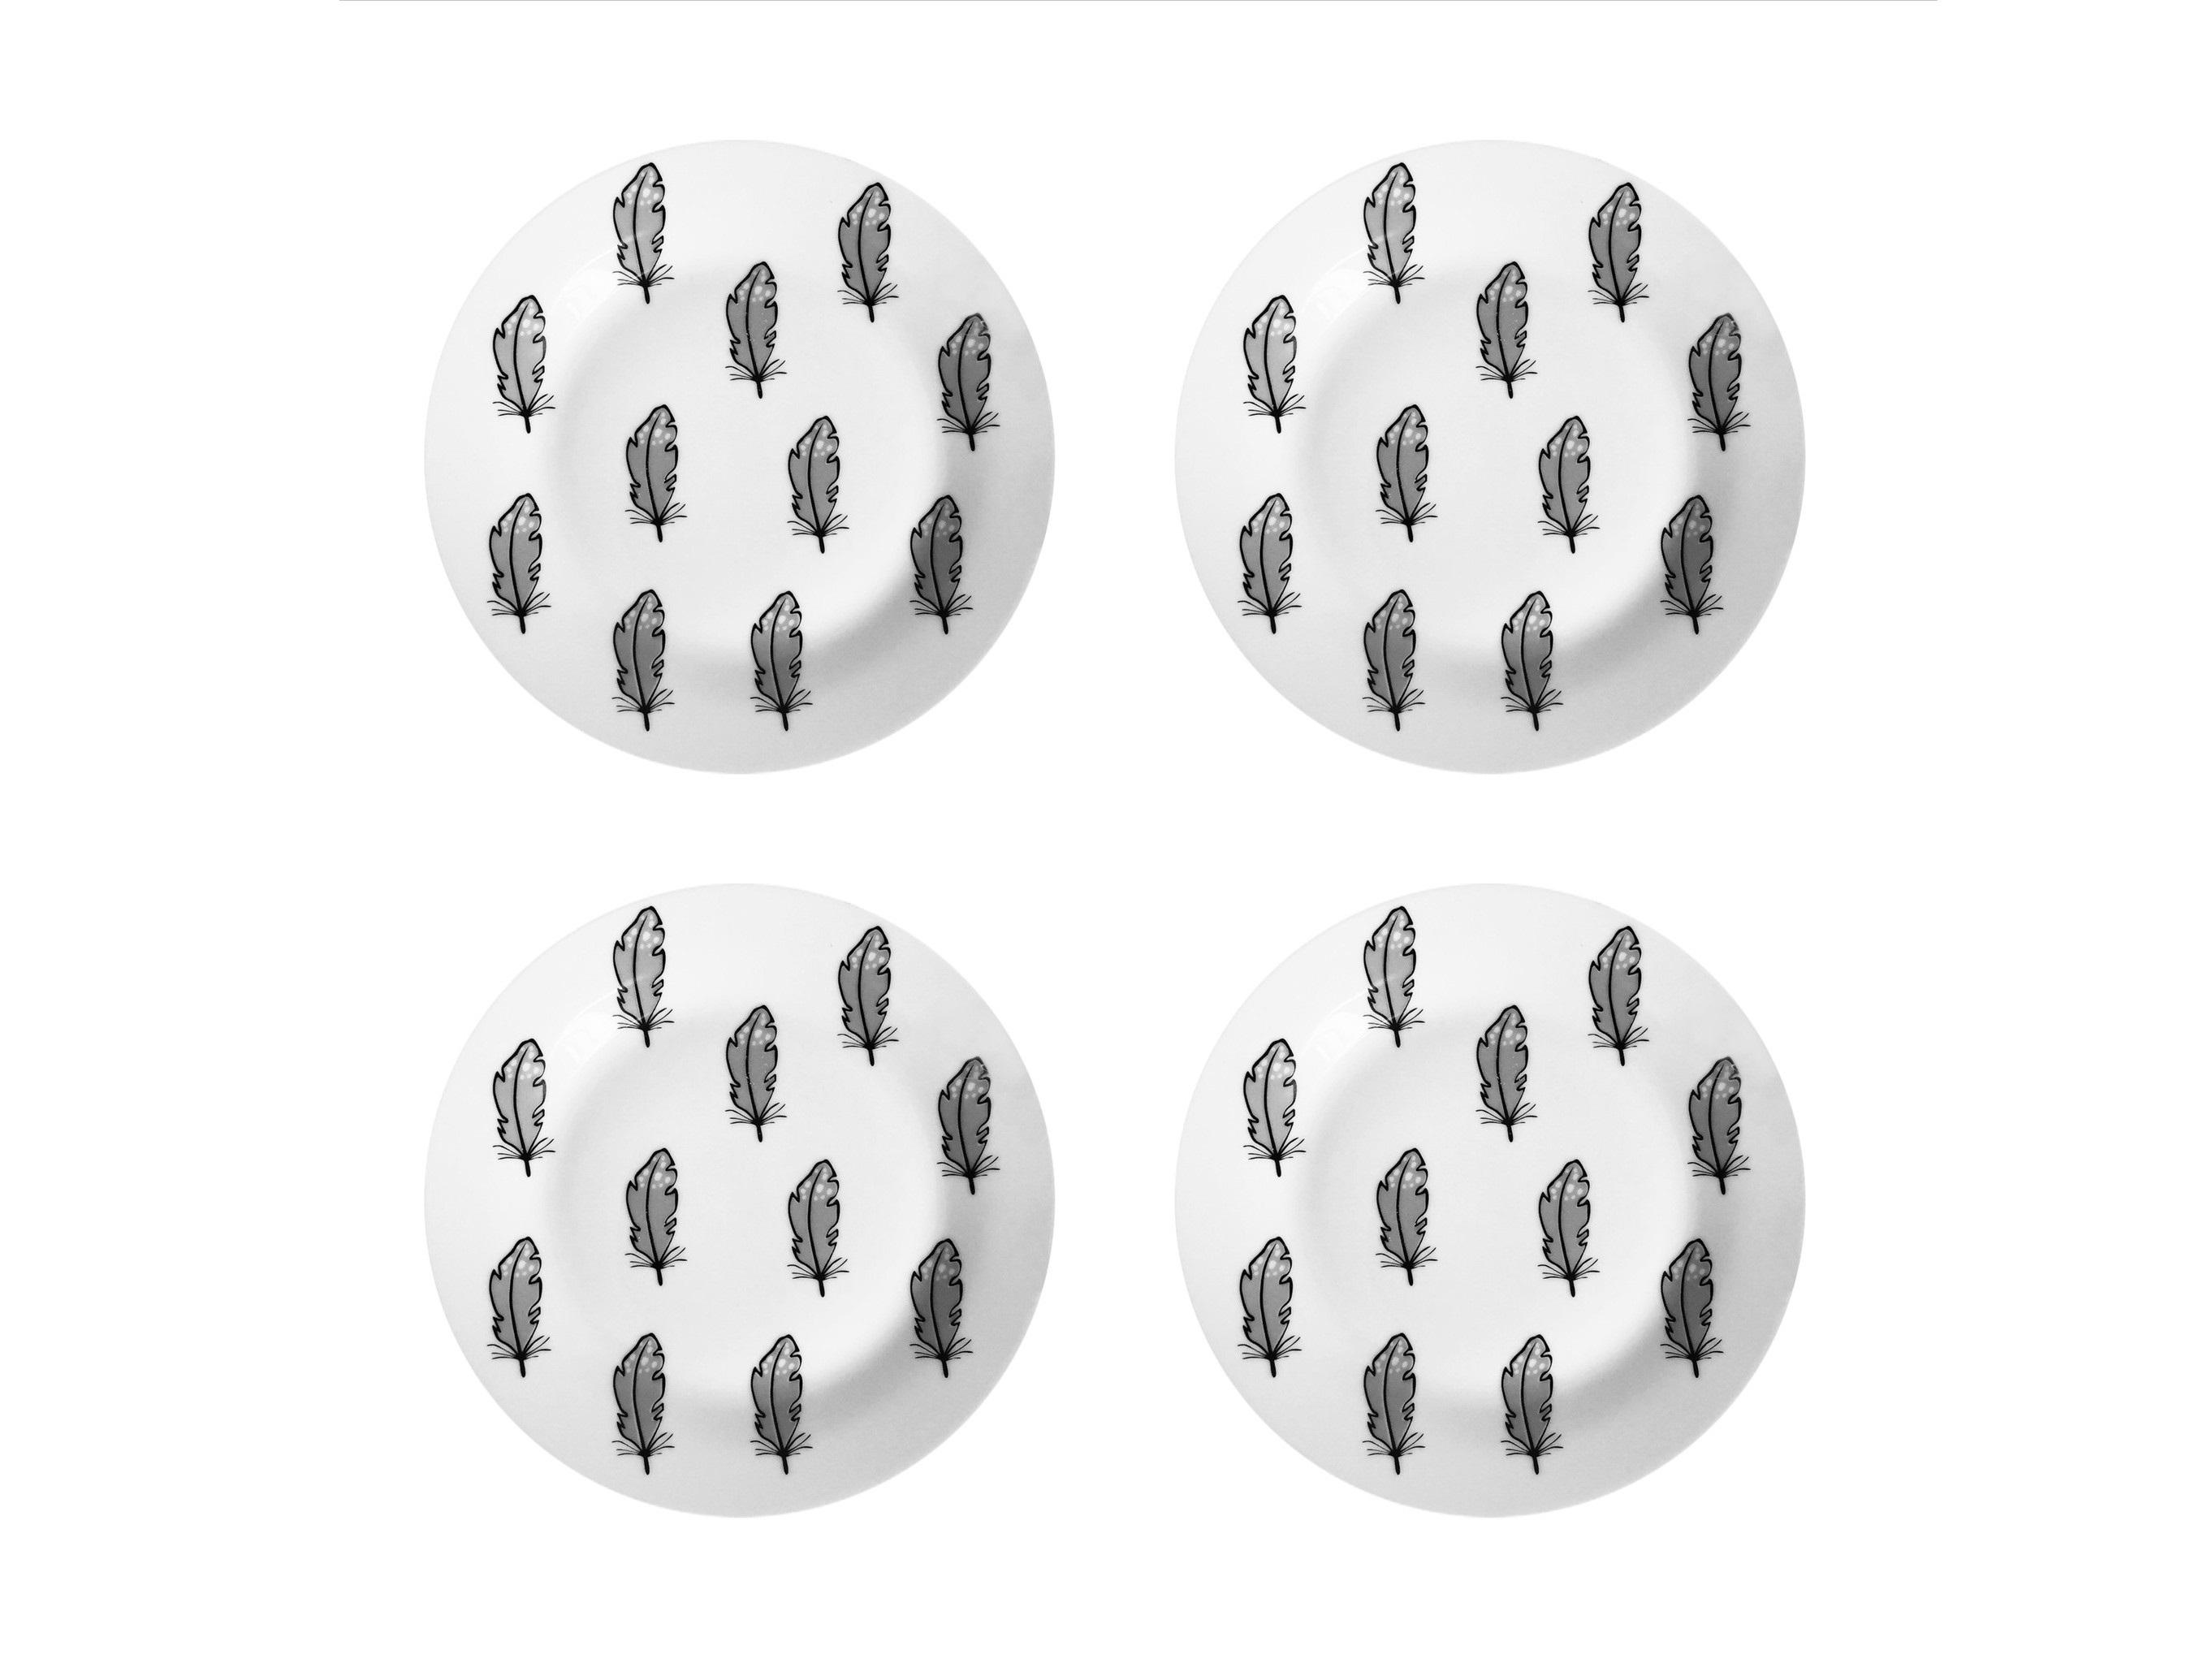 Набор тарелок Перо (4 шт)Тарелки<br>Посуду можно использовать в микроволновой печи и посудомоечной машине.&amp;amp;nbsp;&amp;lt;div&amp;gt;В комплект входят: Тарелка 20 см - 4 шт.&amp;lt;/div&amp;gt;<br><br>Material: Фарфор